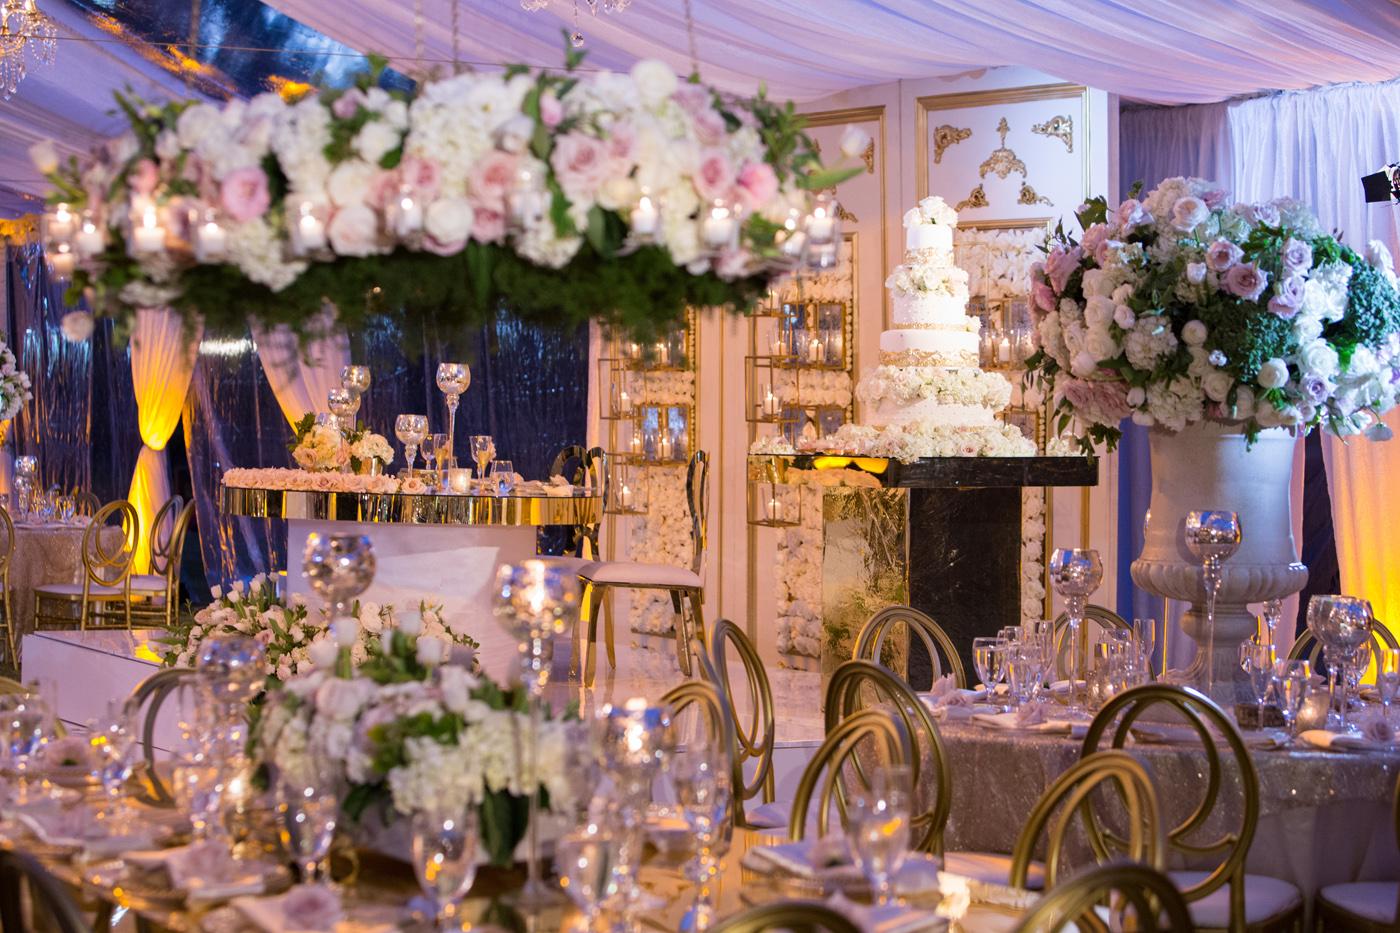 112_DukePhotography_DukeImages_Wedding_Details.jpg